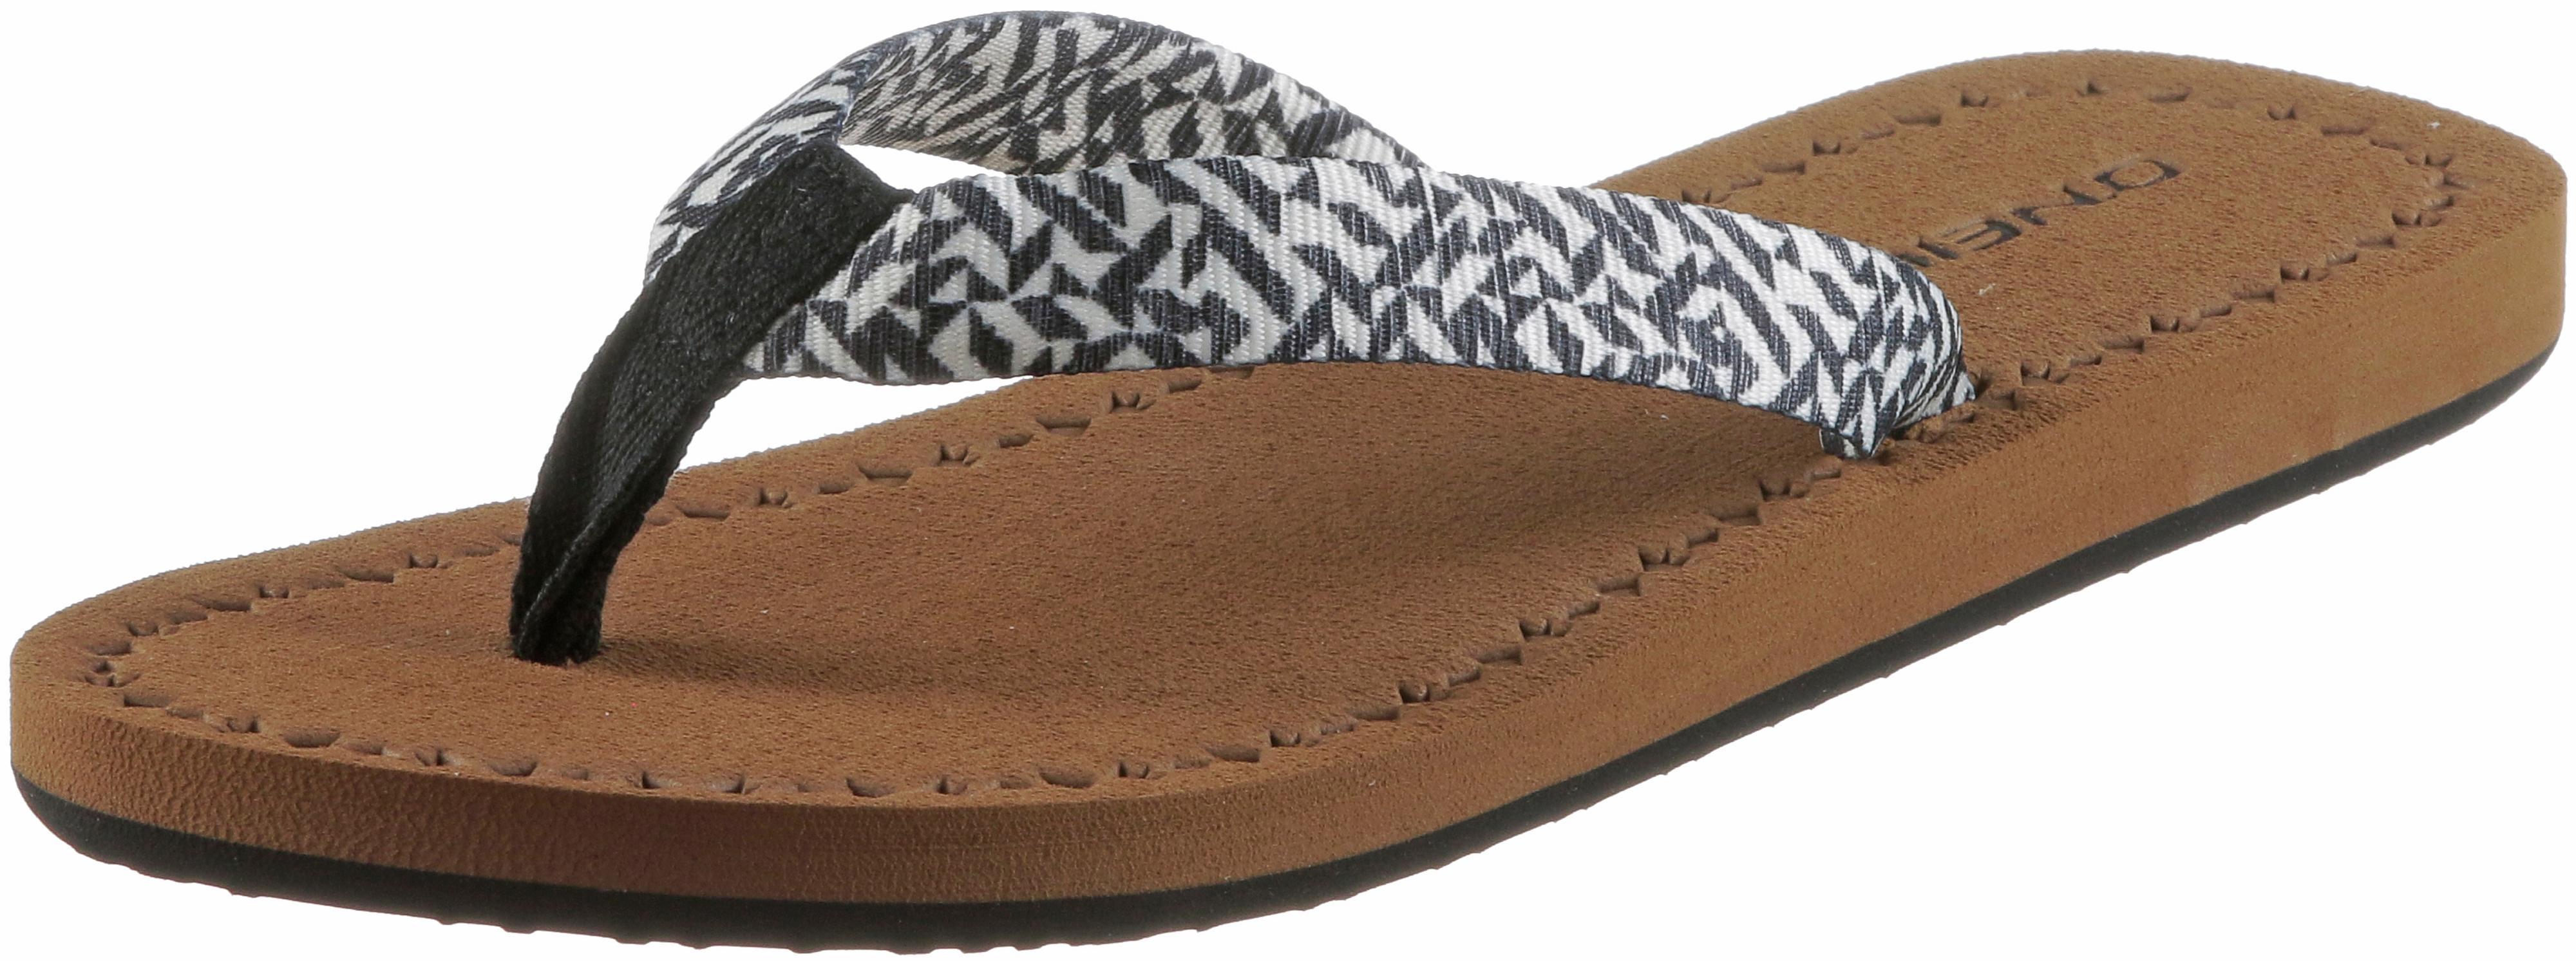 O'NEILL WOVEN STRAP Zehentrenner Damen Damen Damen schwarz GRAPHIC SMALL W  Rosa im Online Shop von SportScheck kaufen Gute Qualität beliebte Schuhe 6f3266